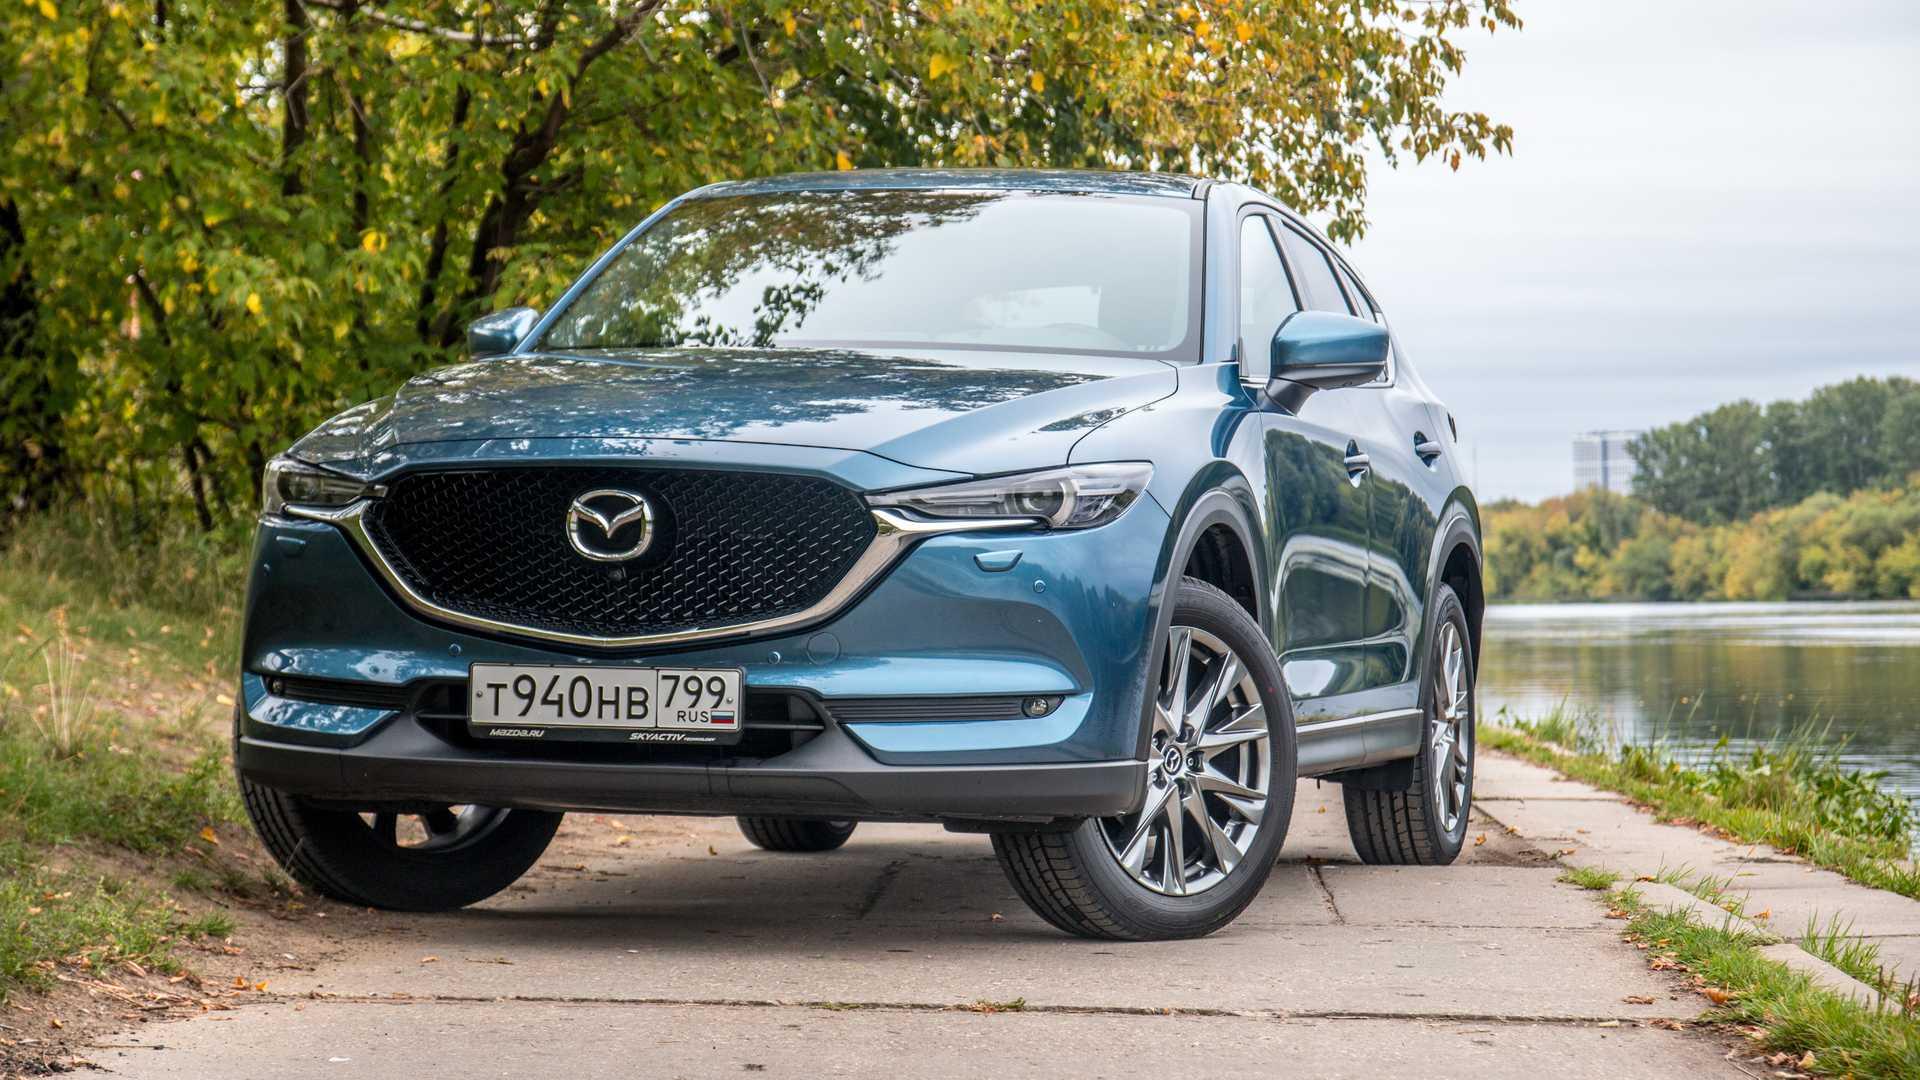 Новое поколение Mazda CX-5 получит новую платформу и имя